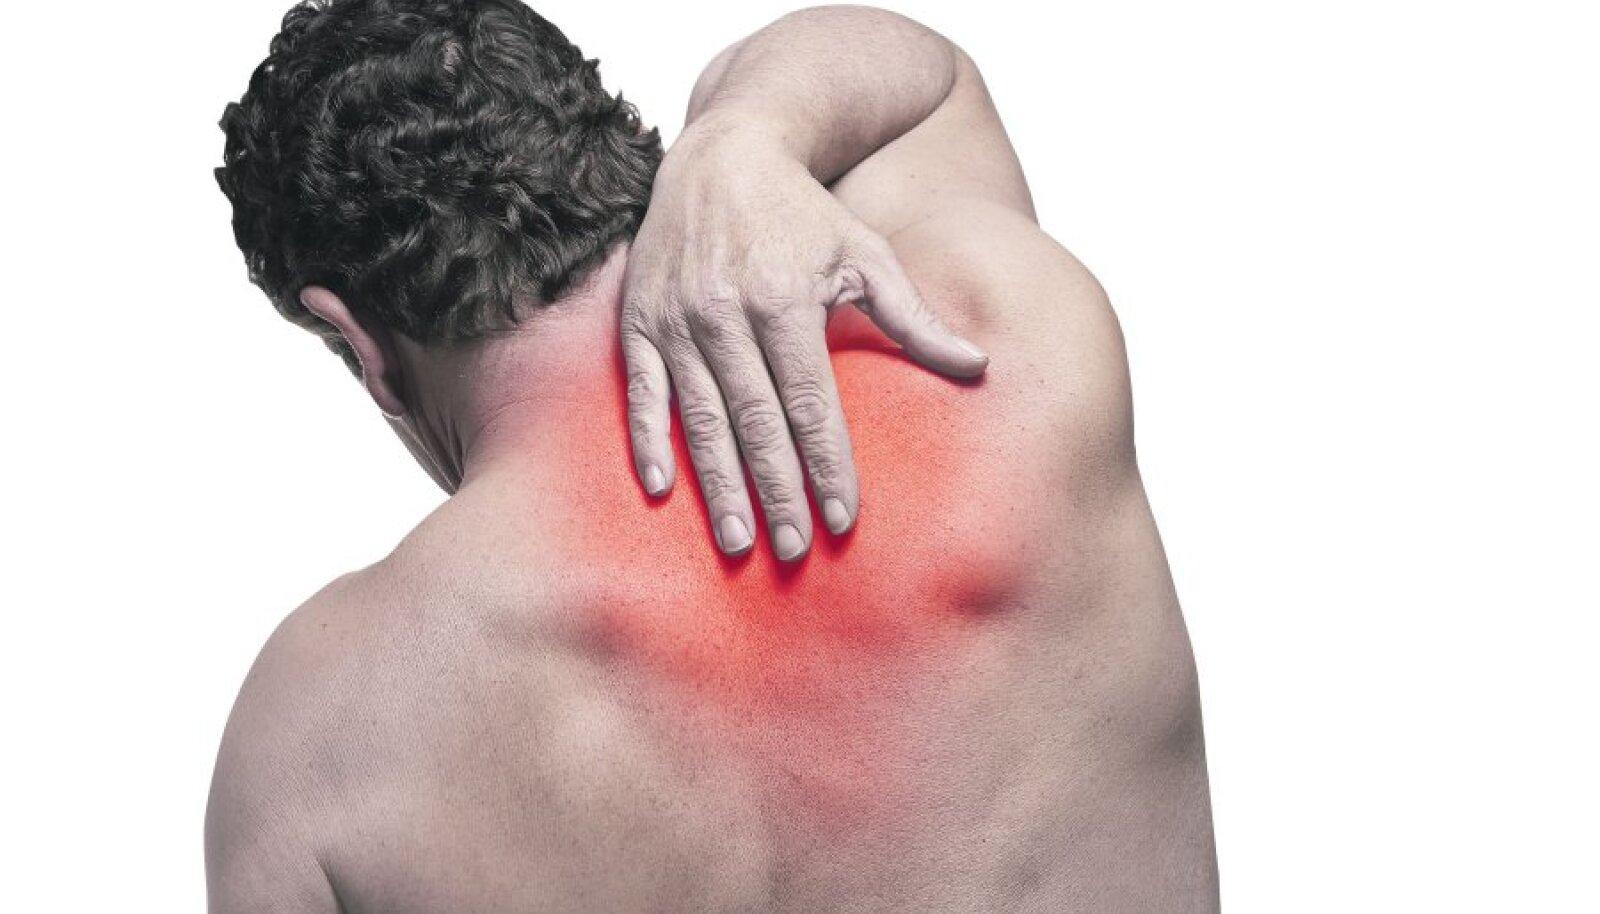 Haasate harjade valud Liigeste linnuhaigustes